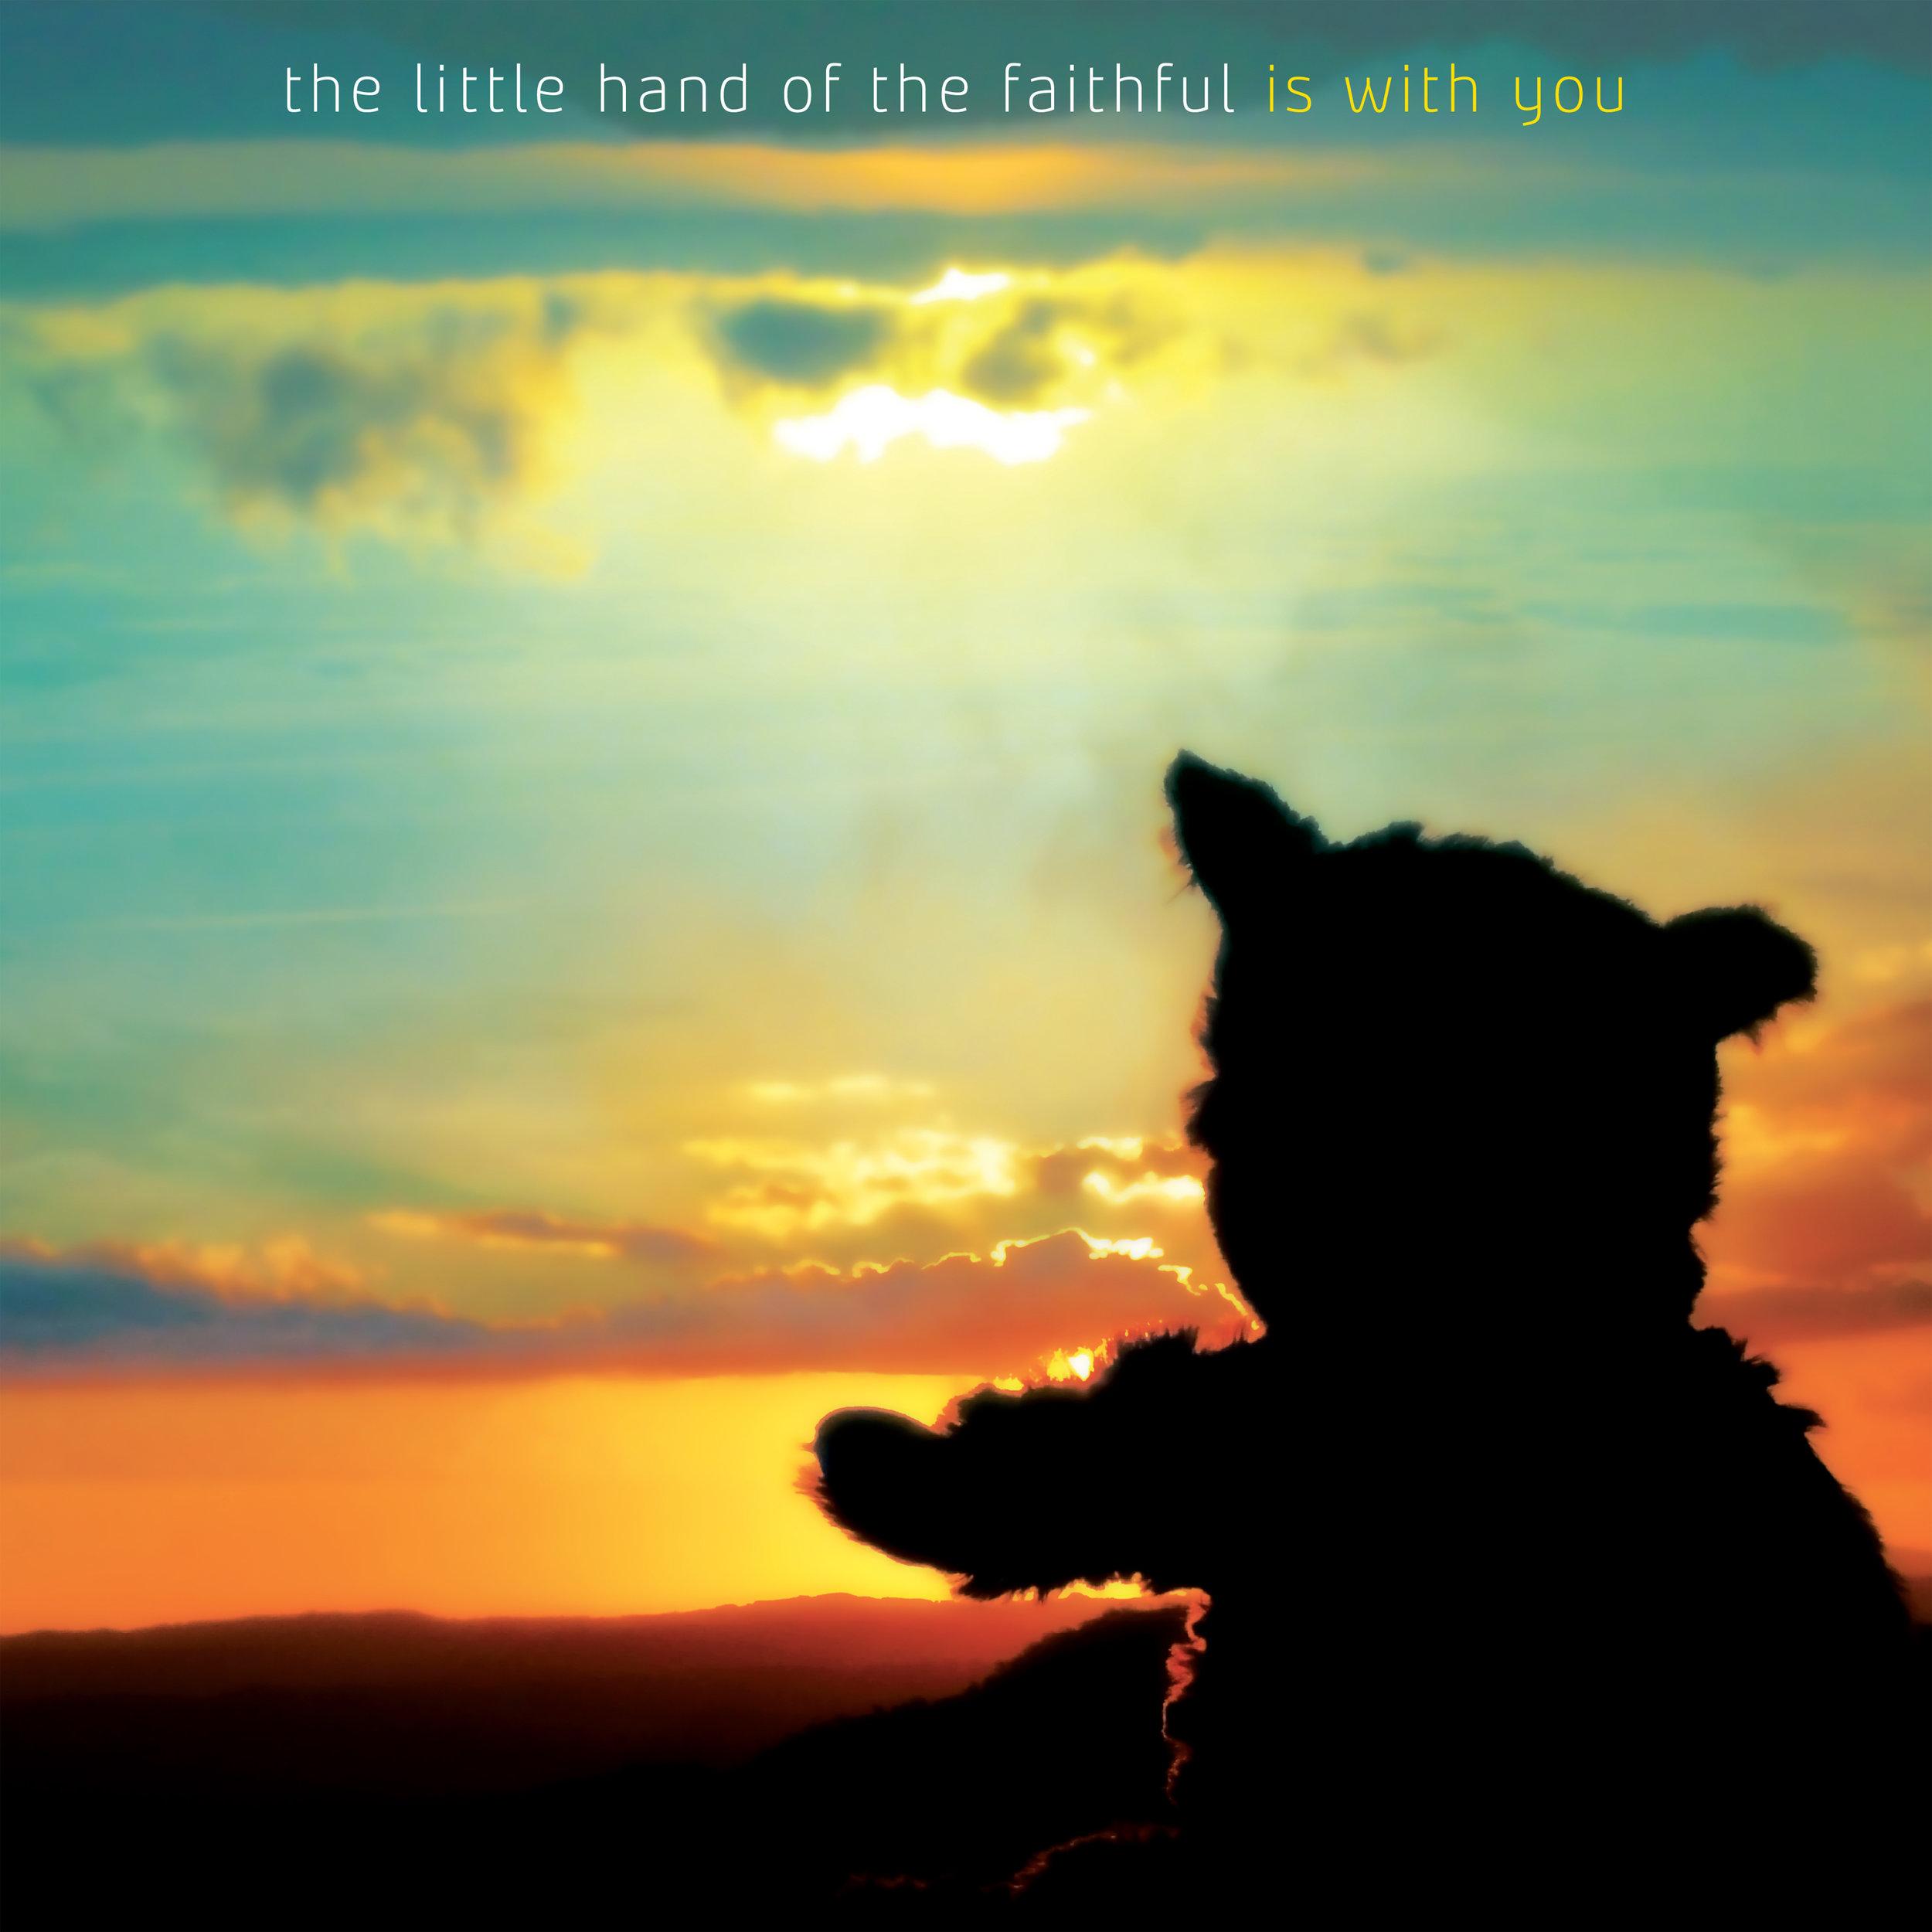 The little hand of the faithful